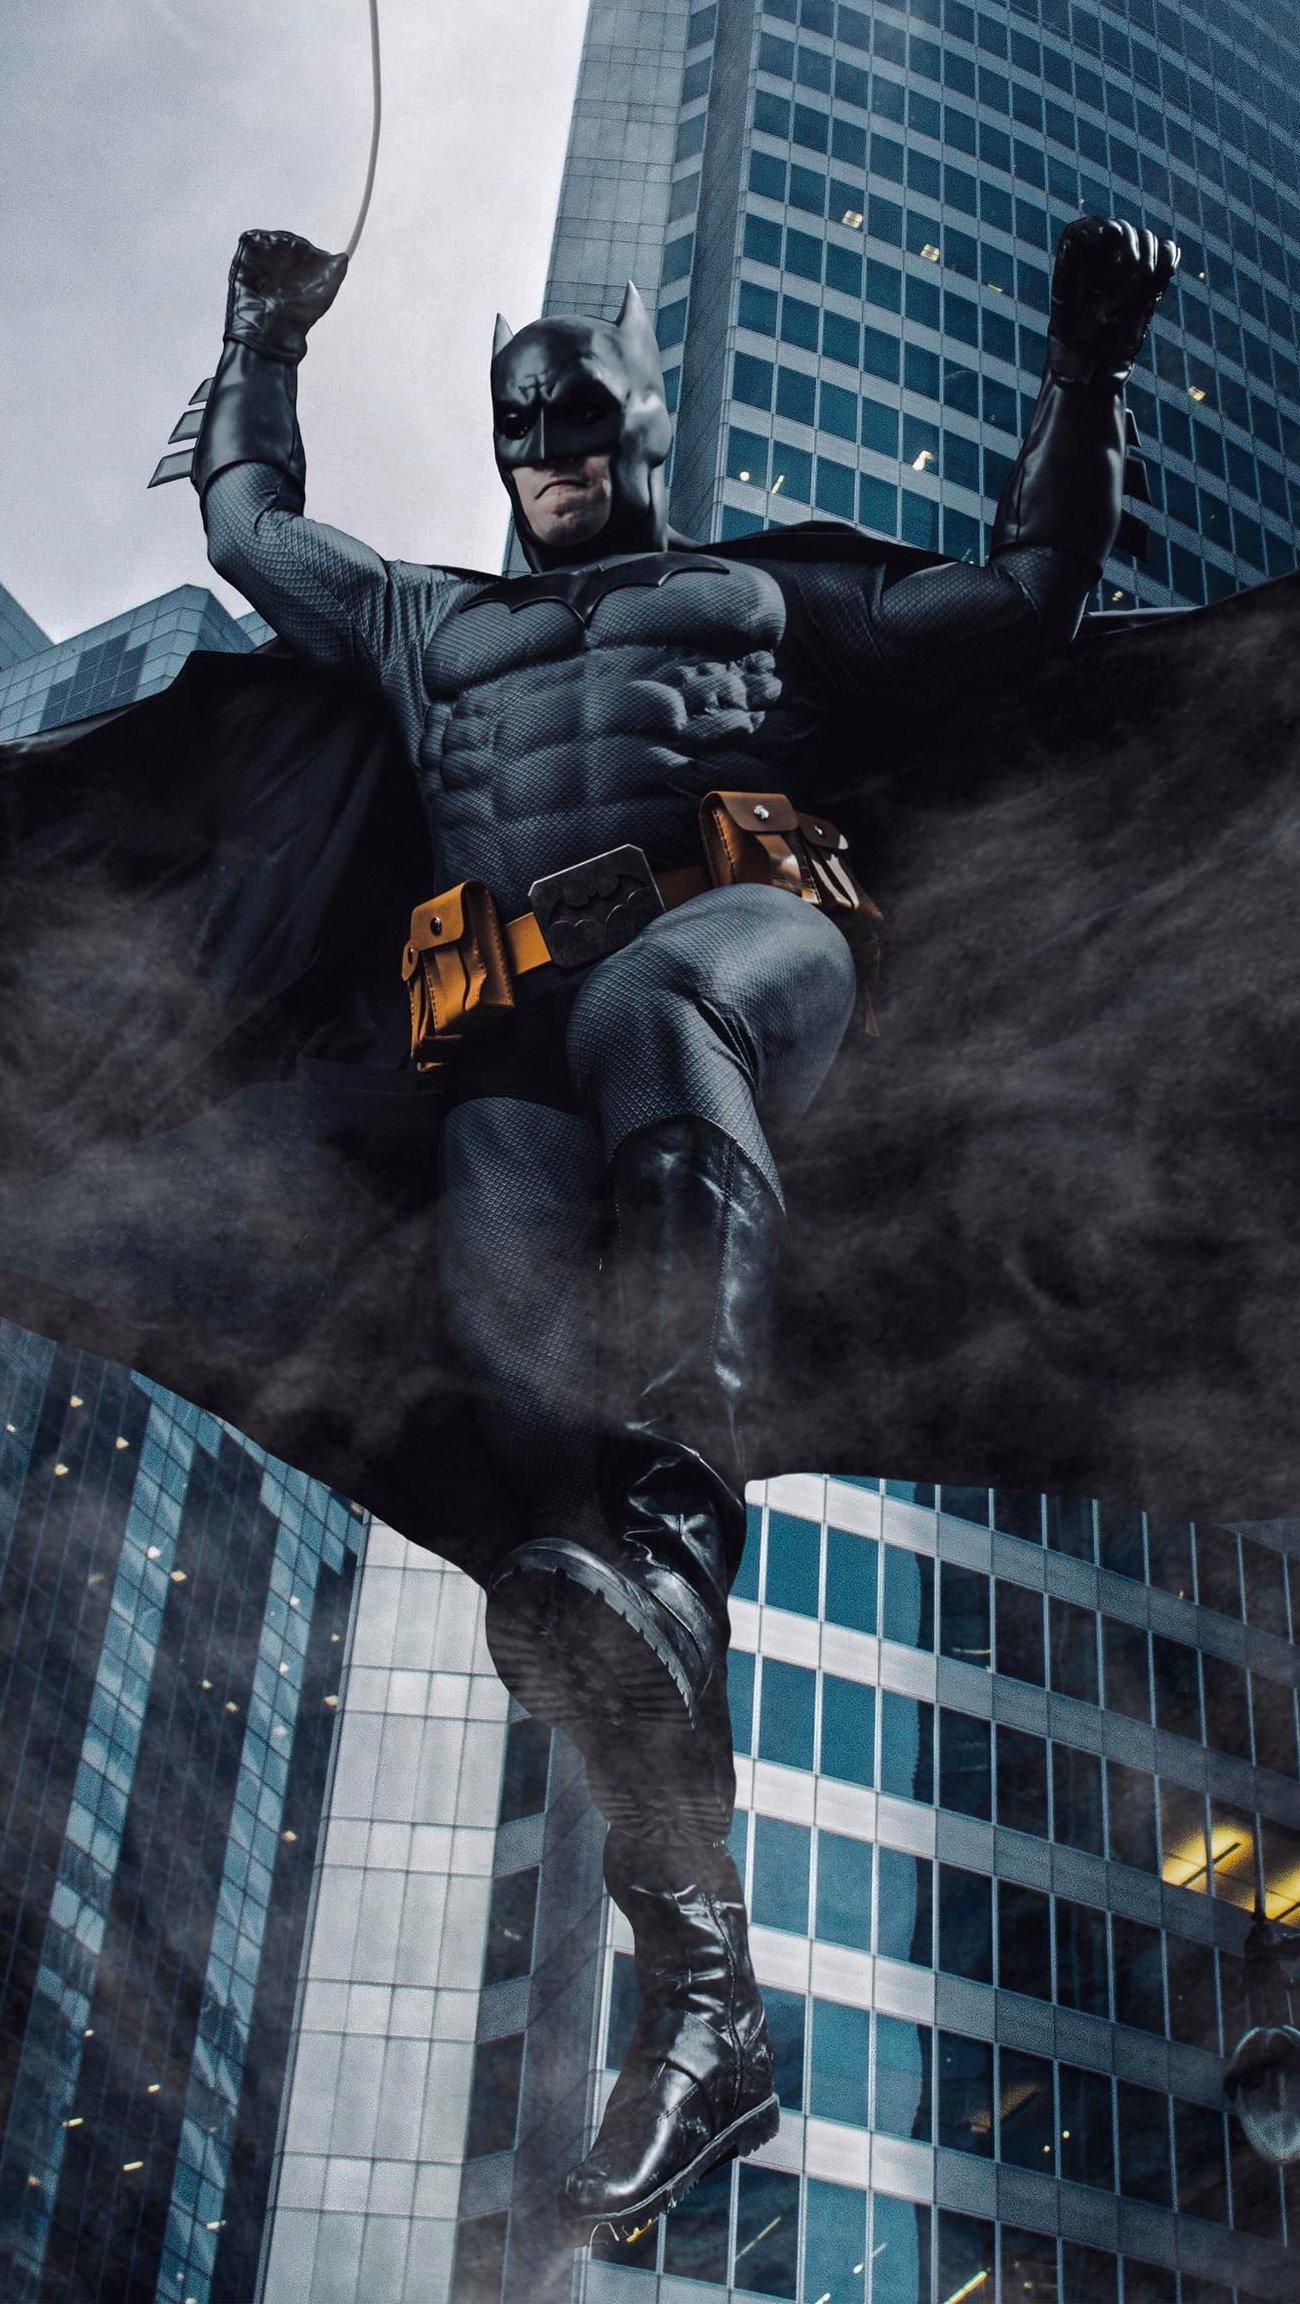 Wallpaper Batman falling of buildings Vertical